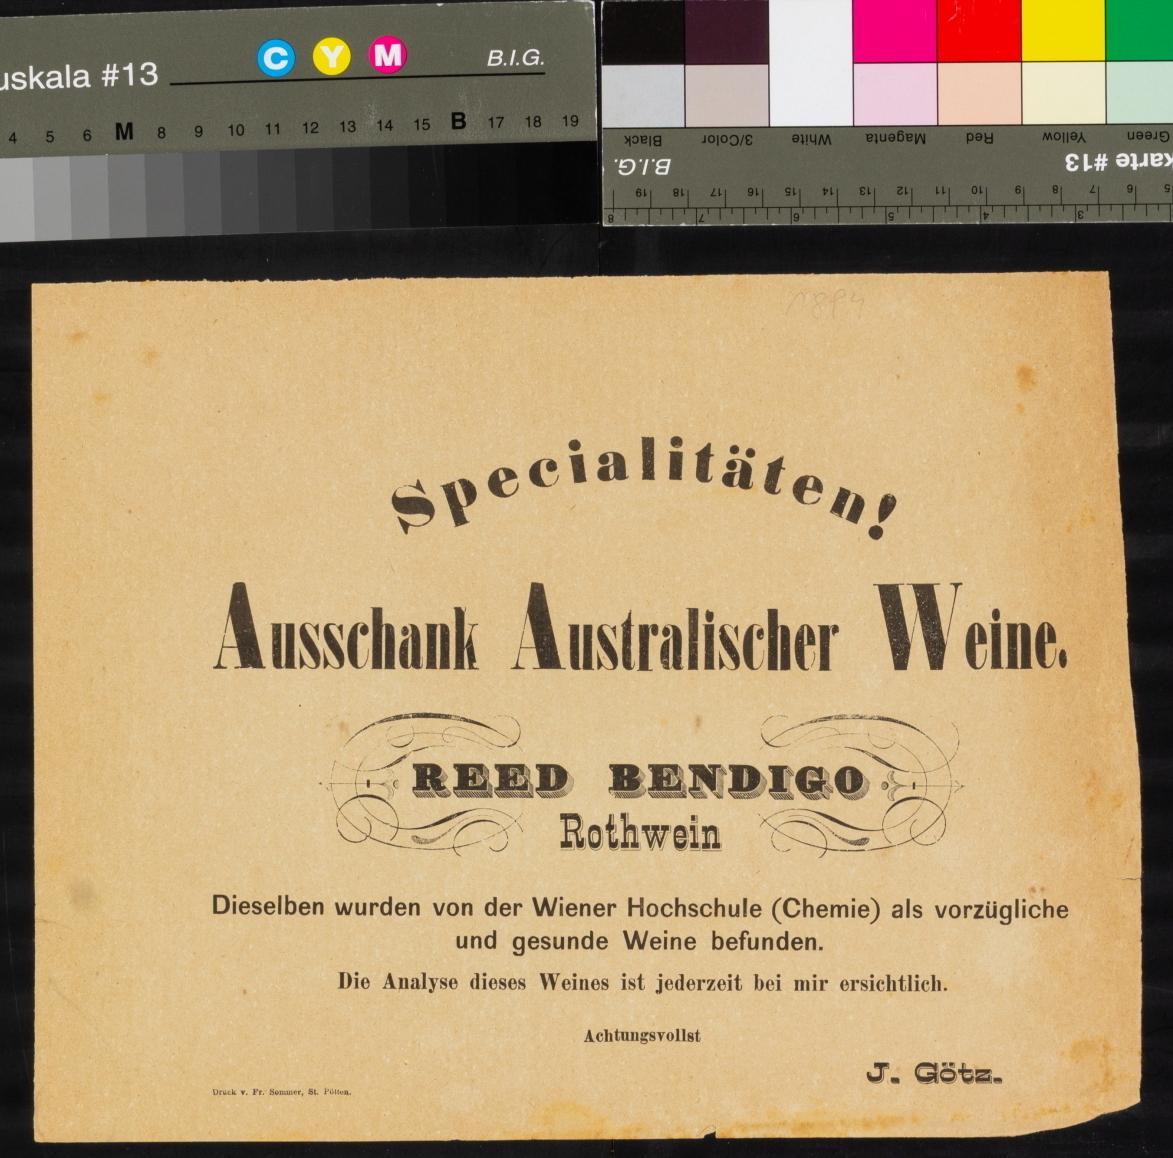 Weinausschanksankündigung, Australische Weine, bei J. Götz, St. Pölten